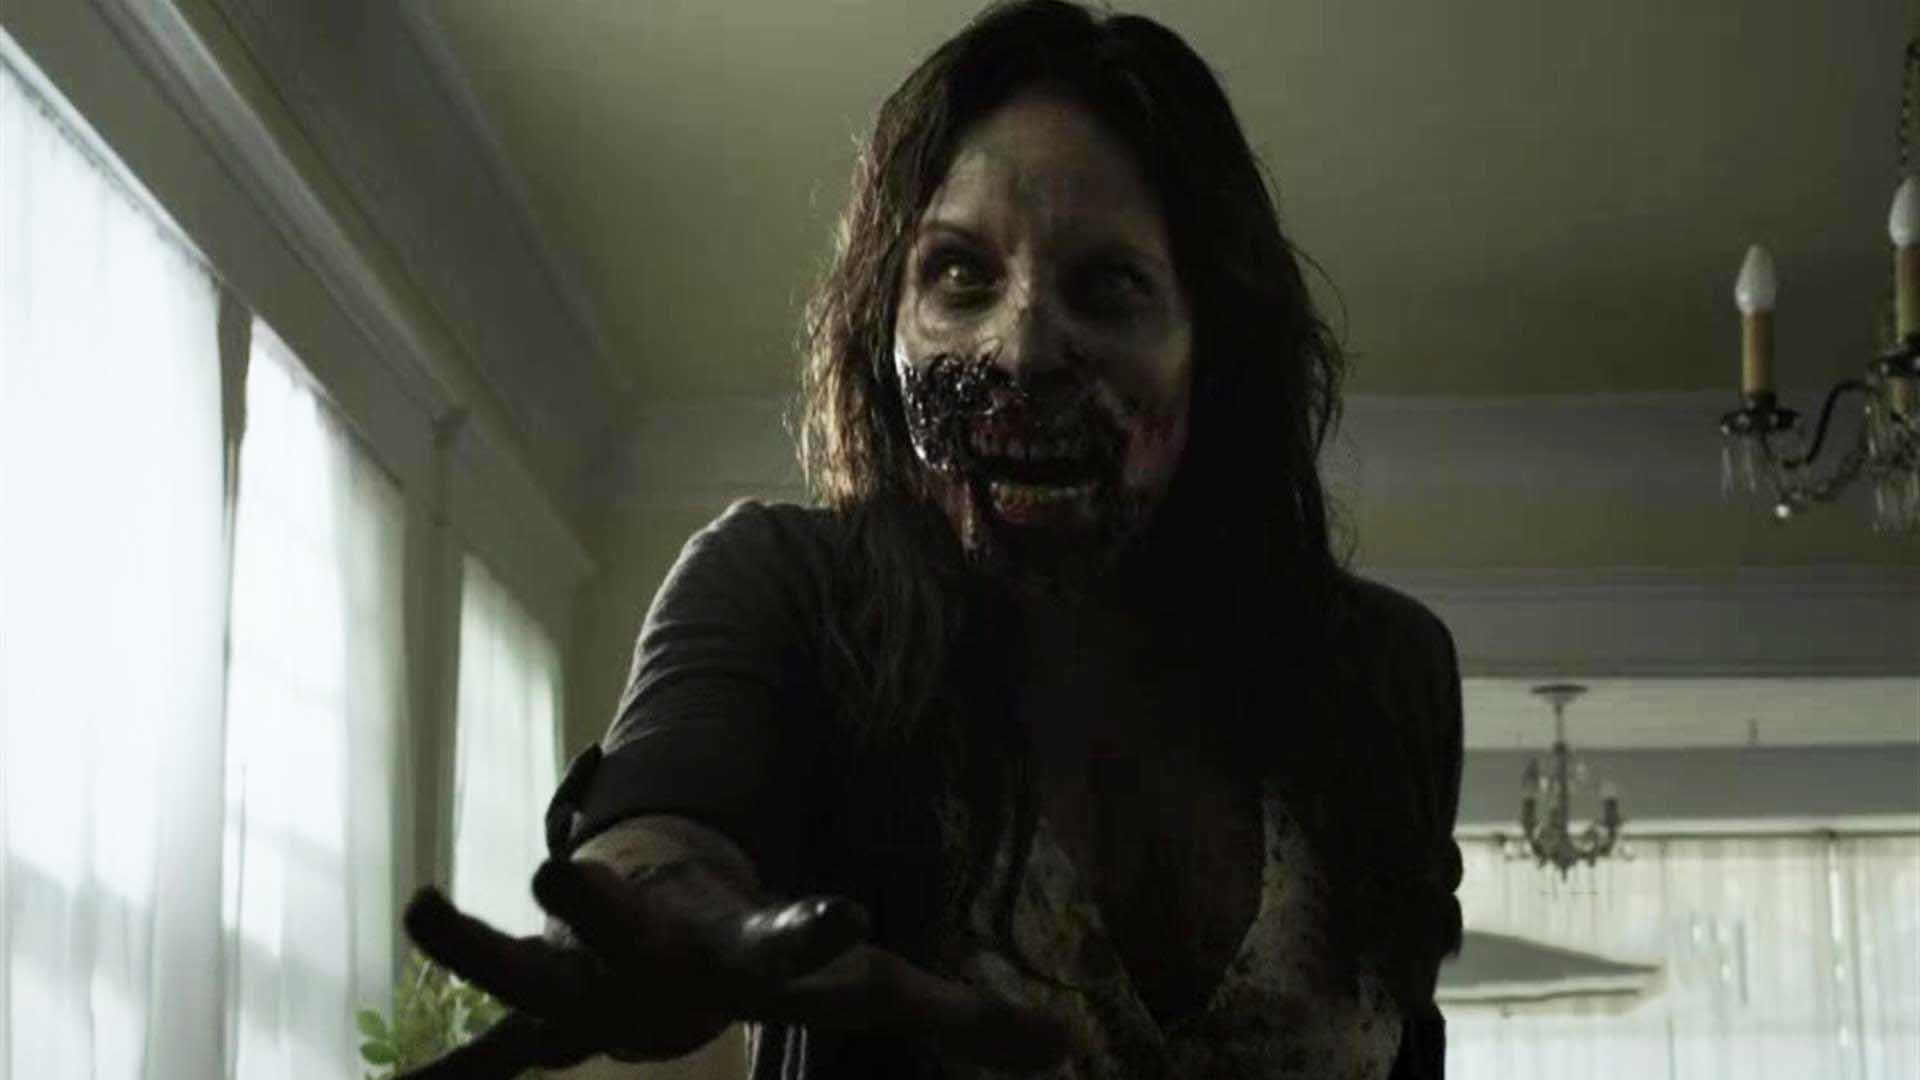 Wa walking dead pumpkin stencil - Webisodes 5 The Walking Dead Step Mother